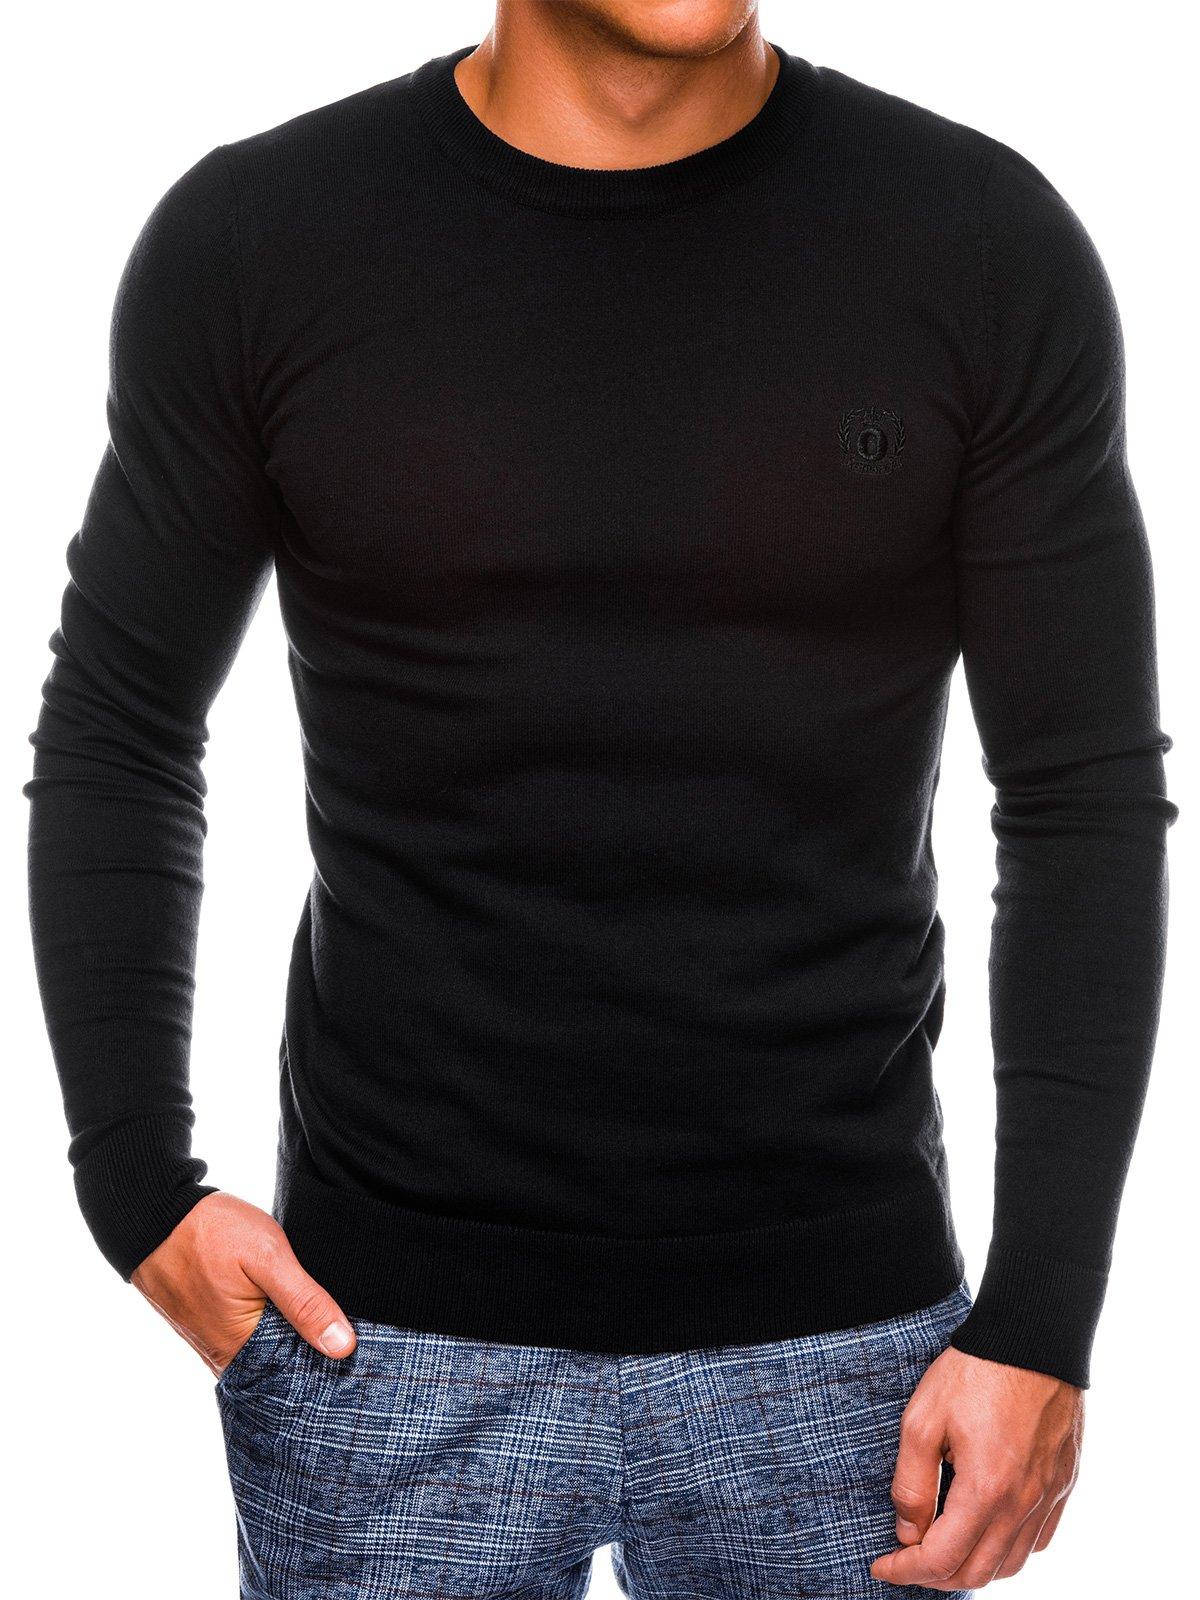 Pánsky sveter Trey čierna XXL